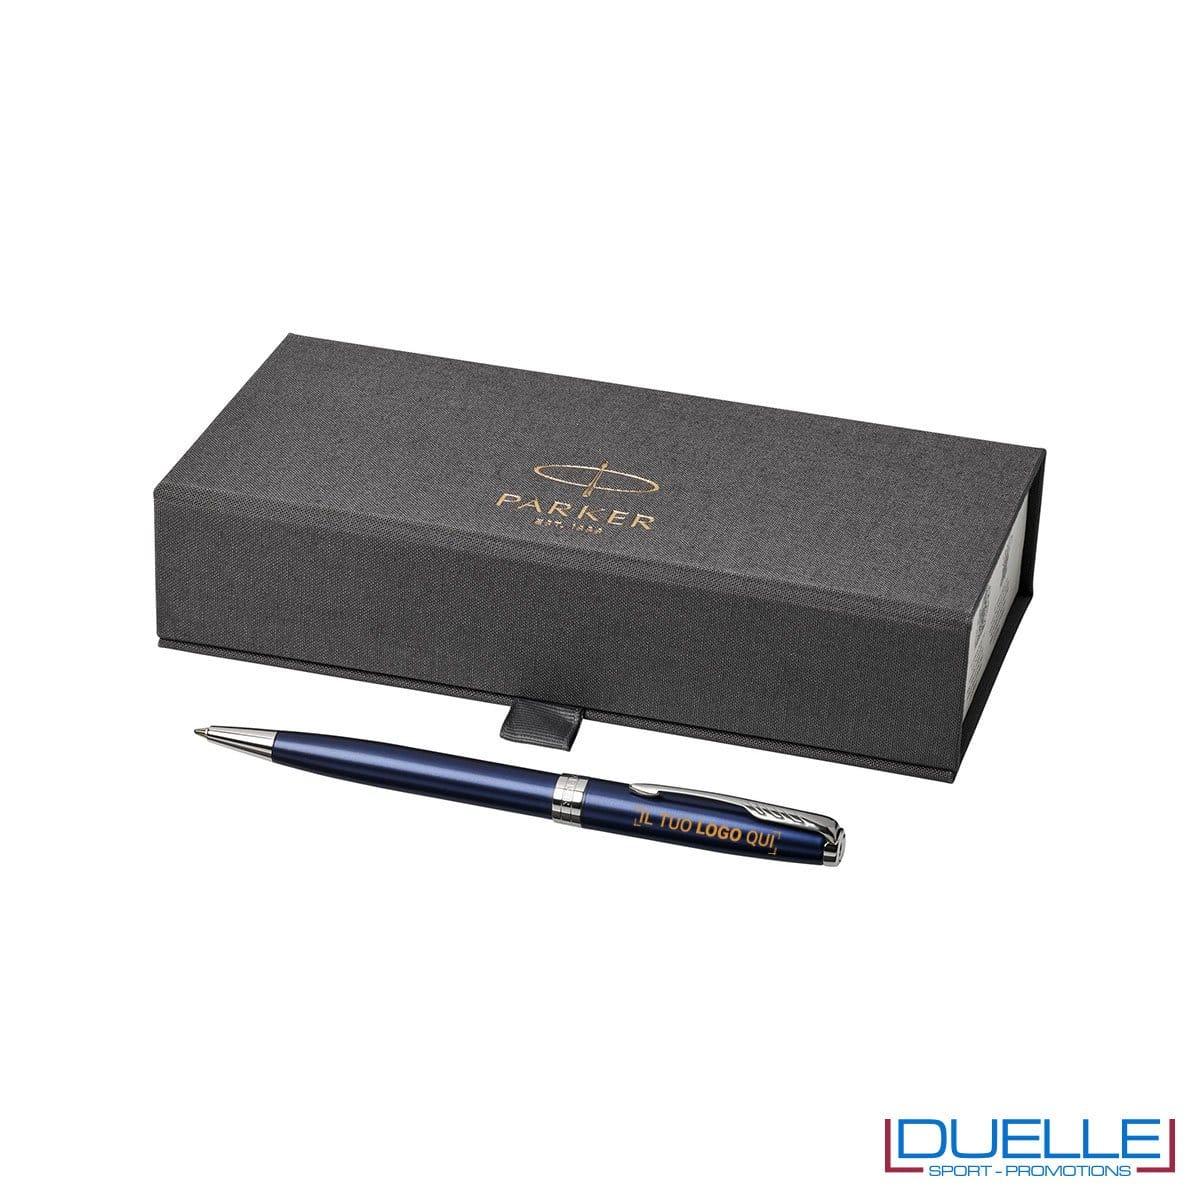 Penna Parker Sonnet personalizzata in colore blu e argento